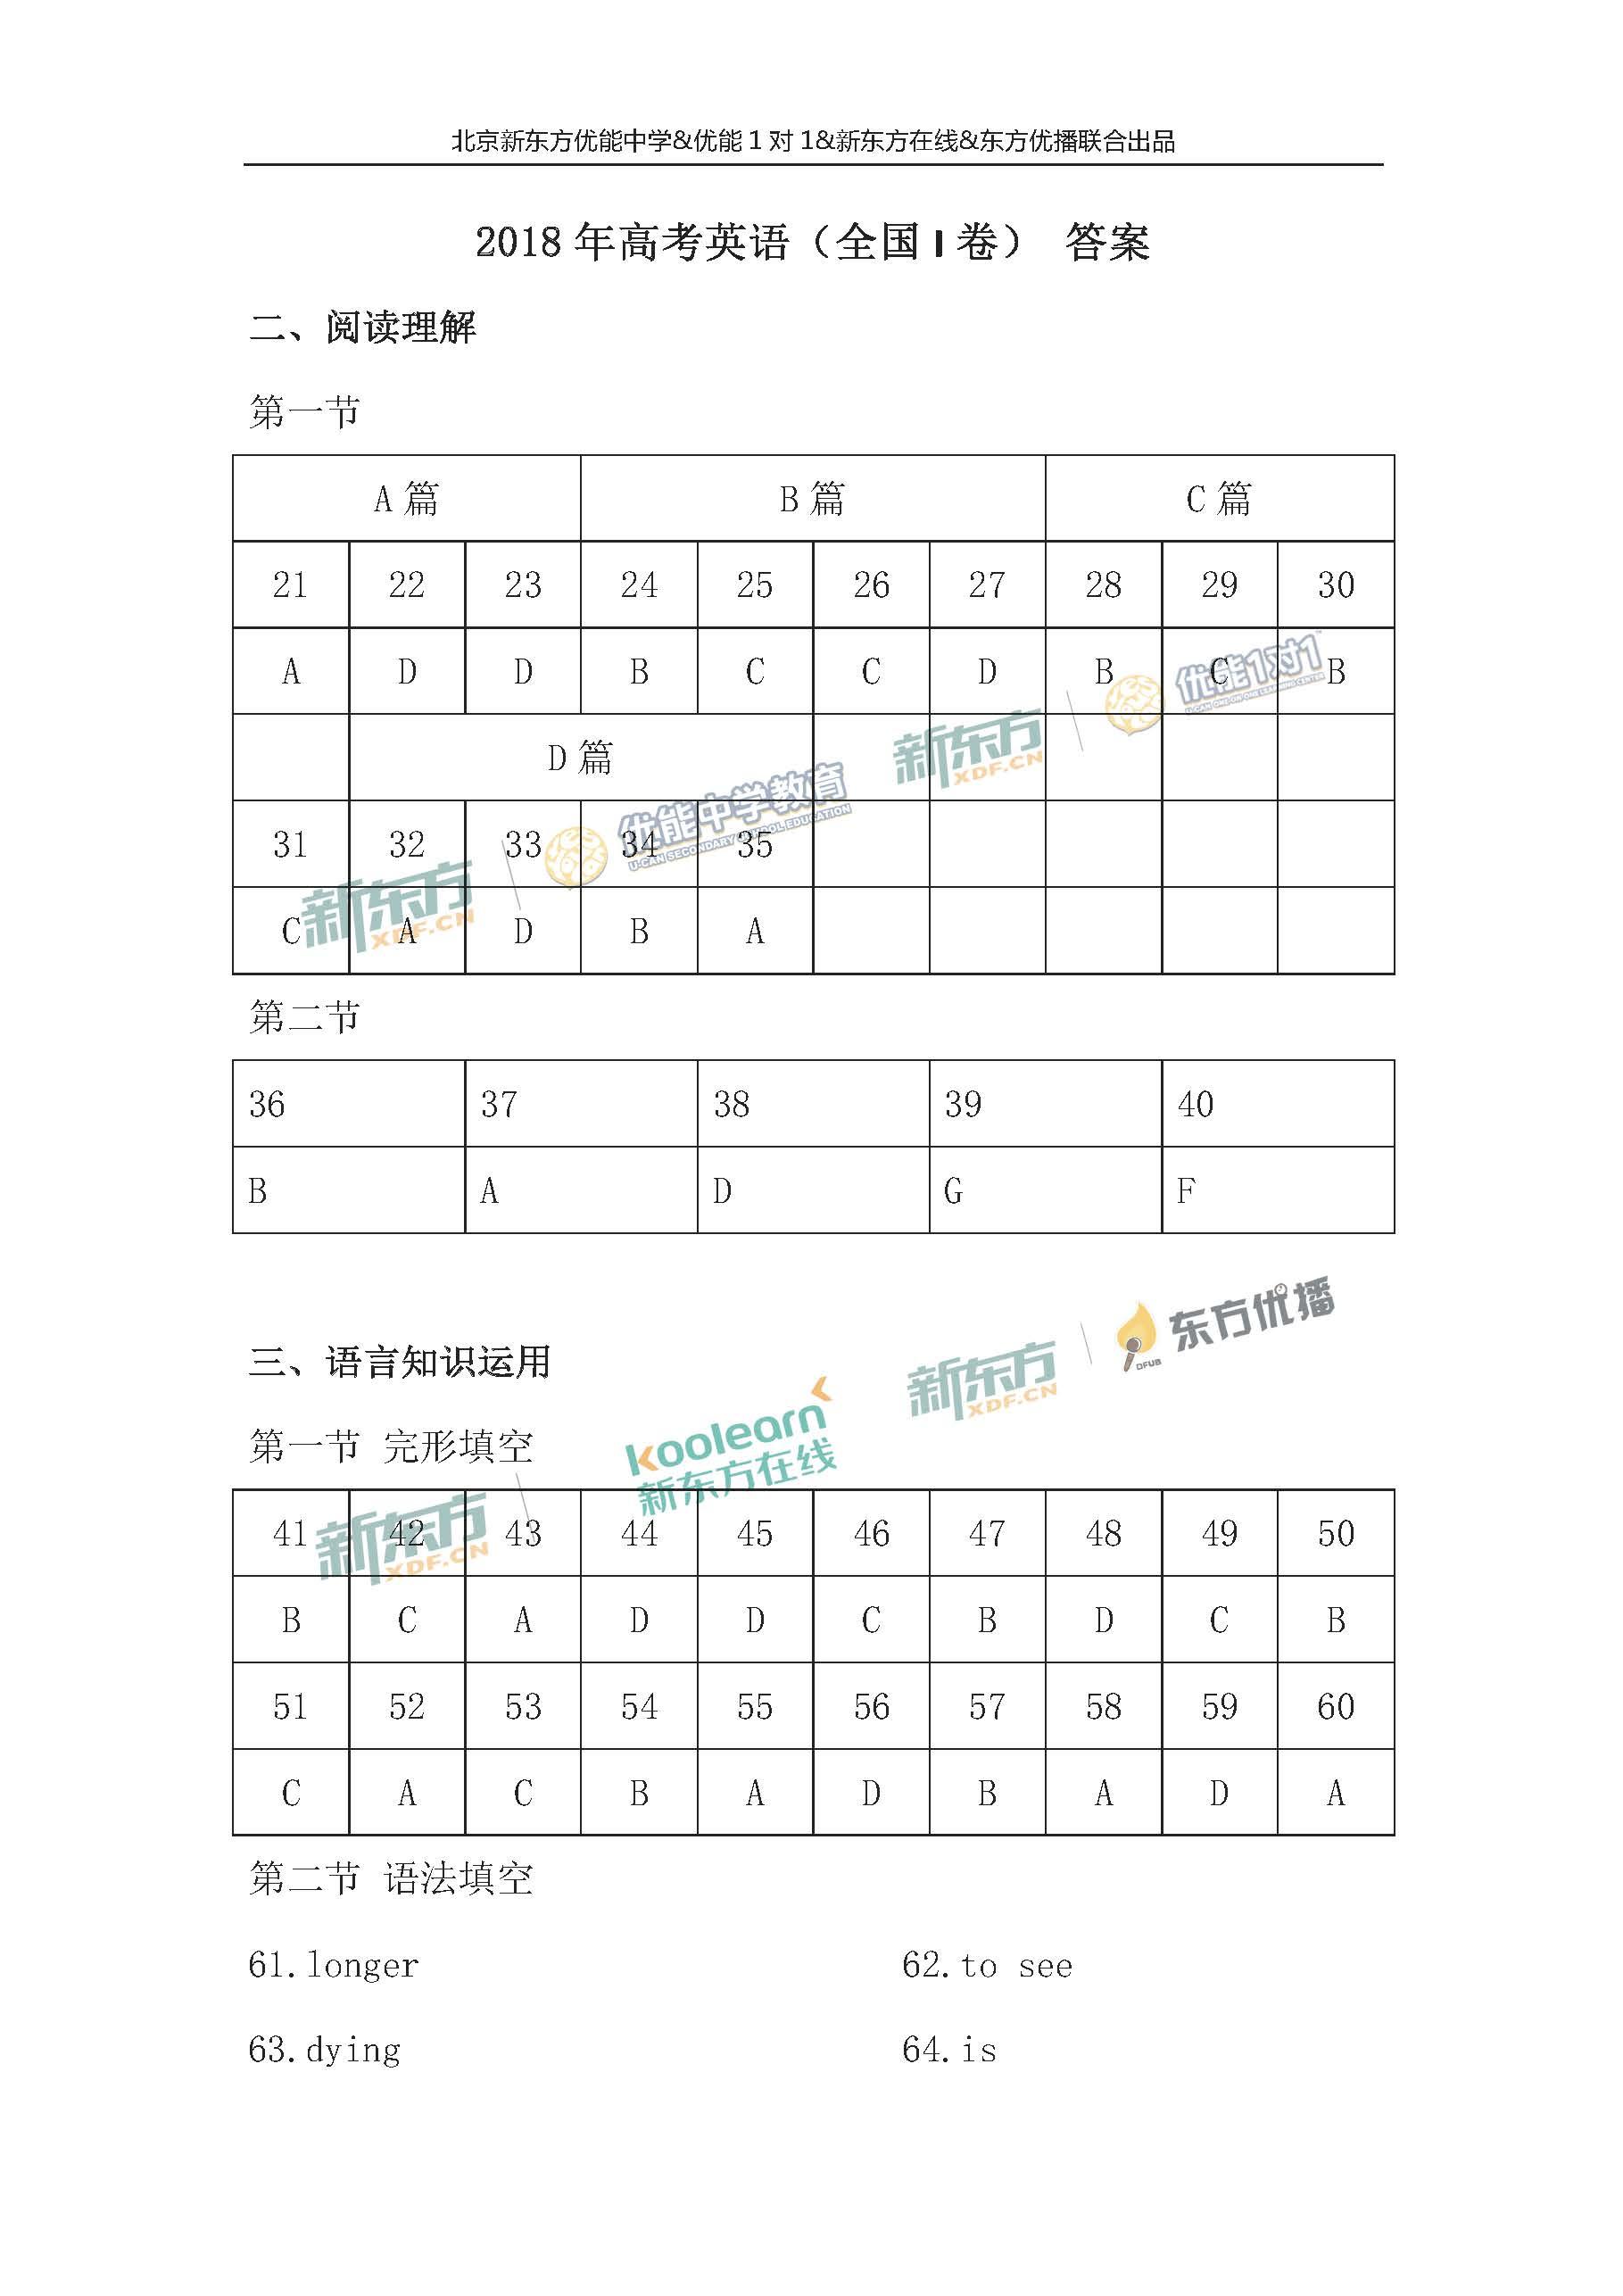 2018全国卷1高考英语简版答案(北京新东方)